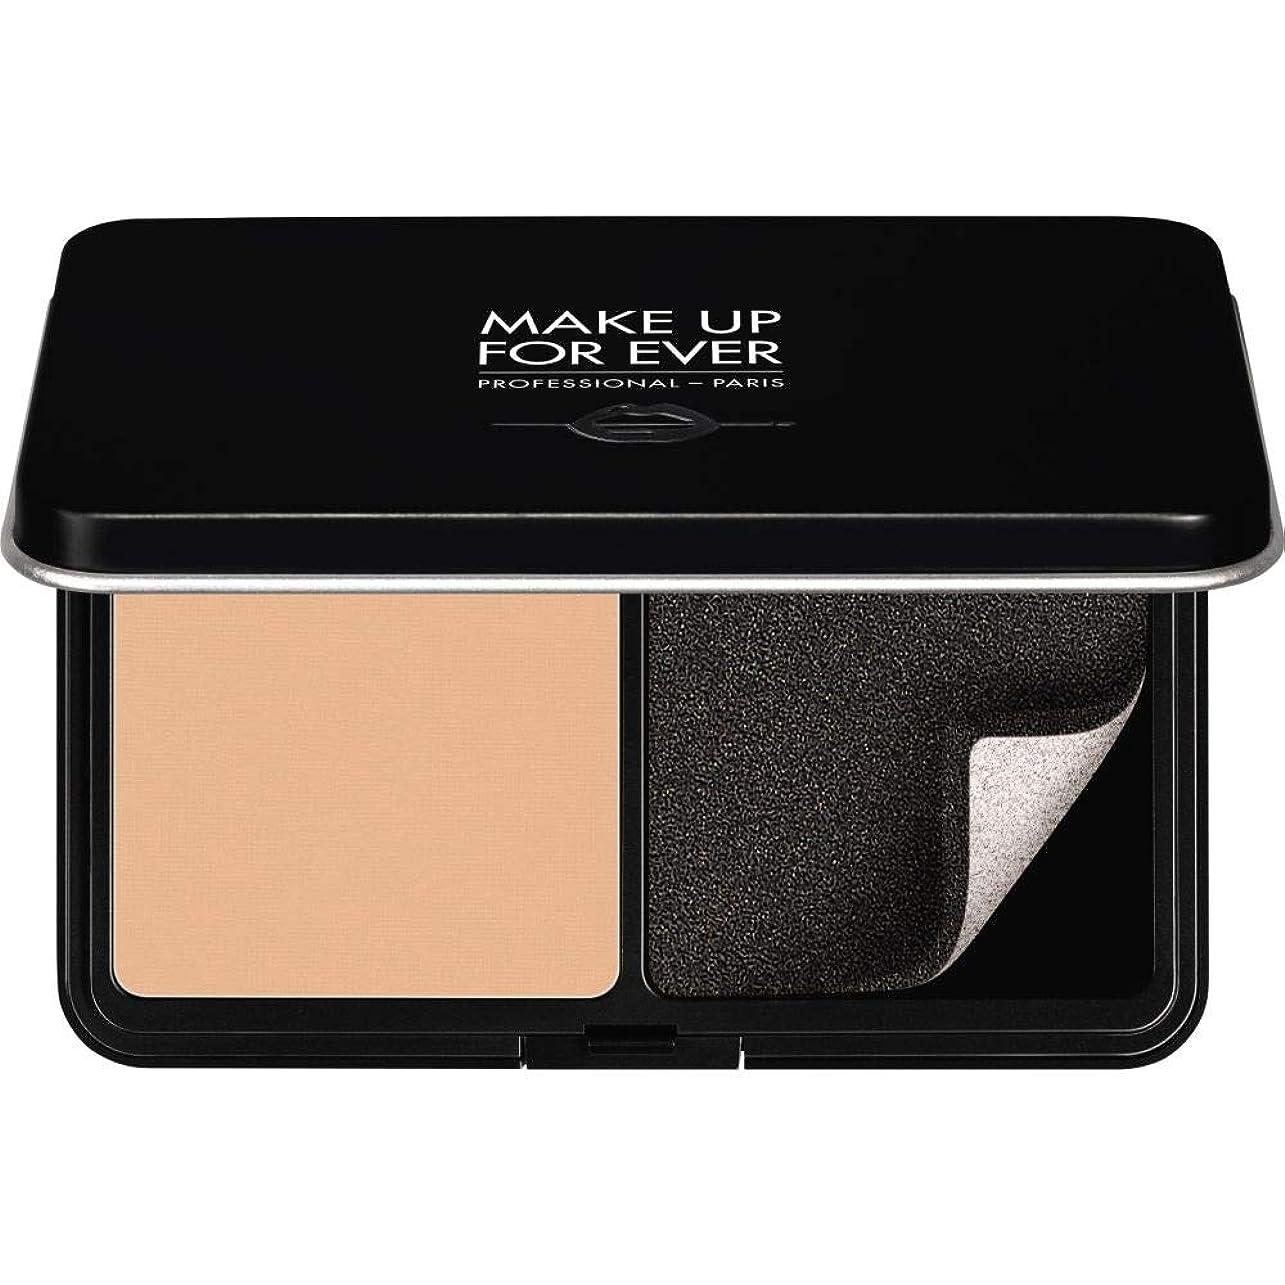 編集者慣れている超高層ビル[MAKE UP FOR EVER ] パウダーファンデーション11GののR230をぼかし、これまでマットベルベットの肌を補う - アイボリー - MAKE UP FOR EVER Matte Velvet Skin Blurring Powder Foundation 11g R230 - Ivory [並行輸入品]